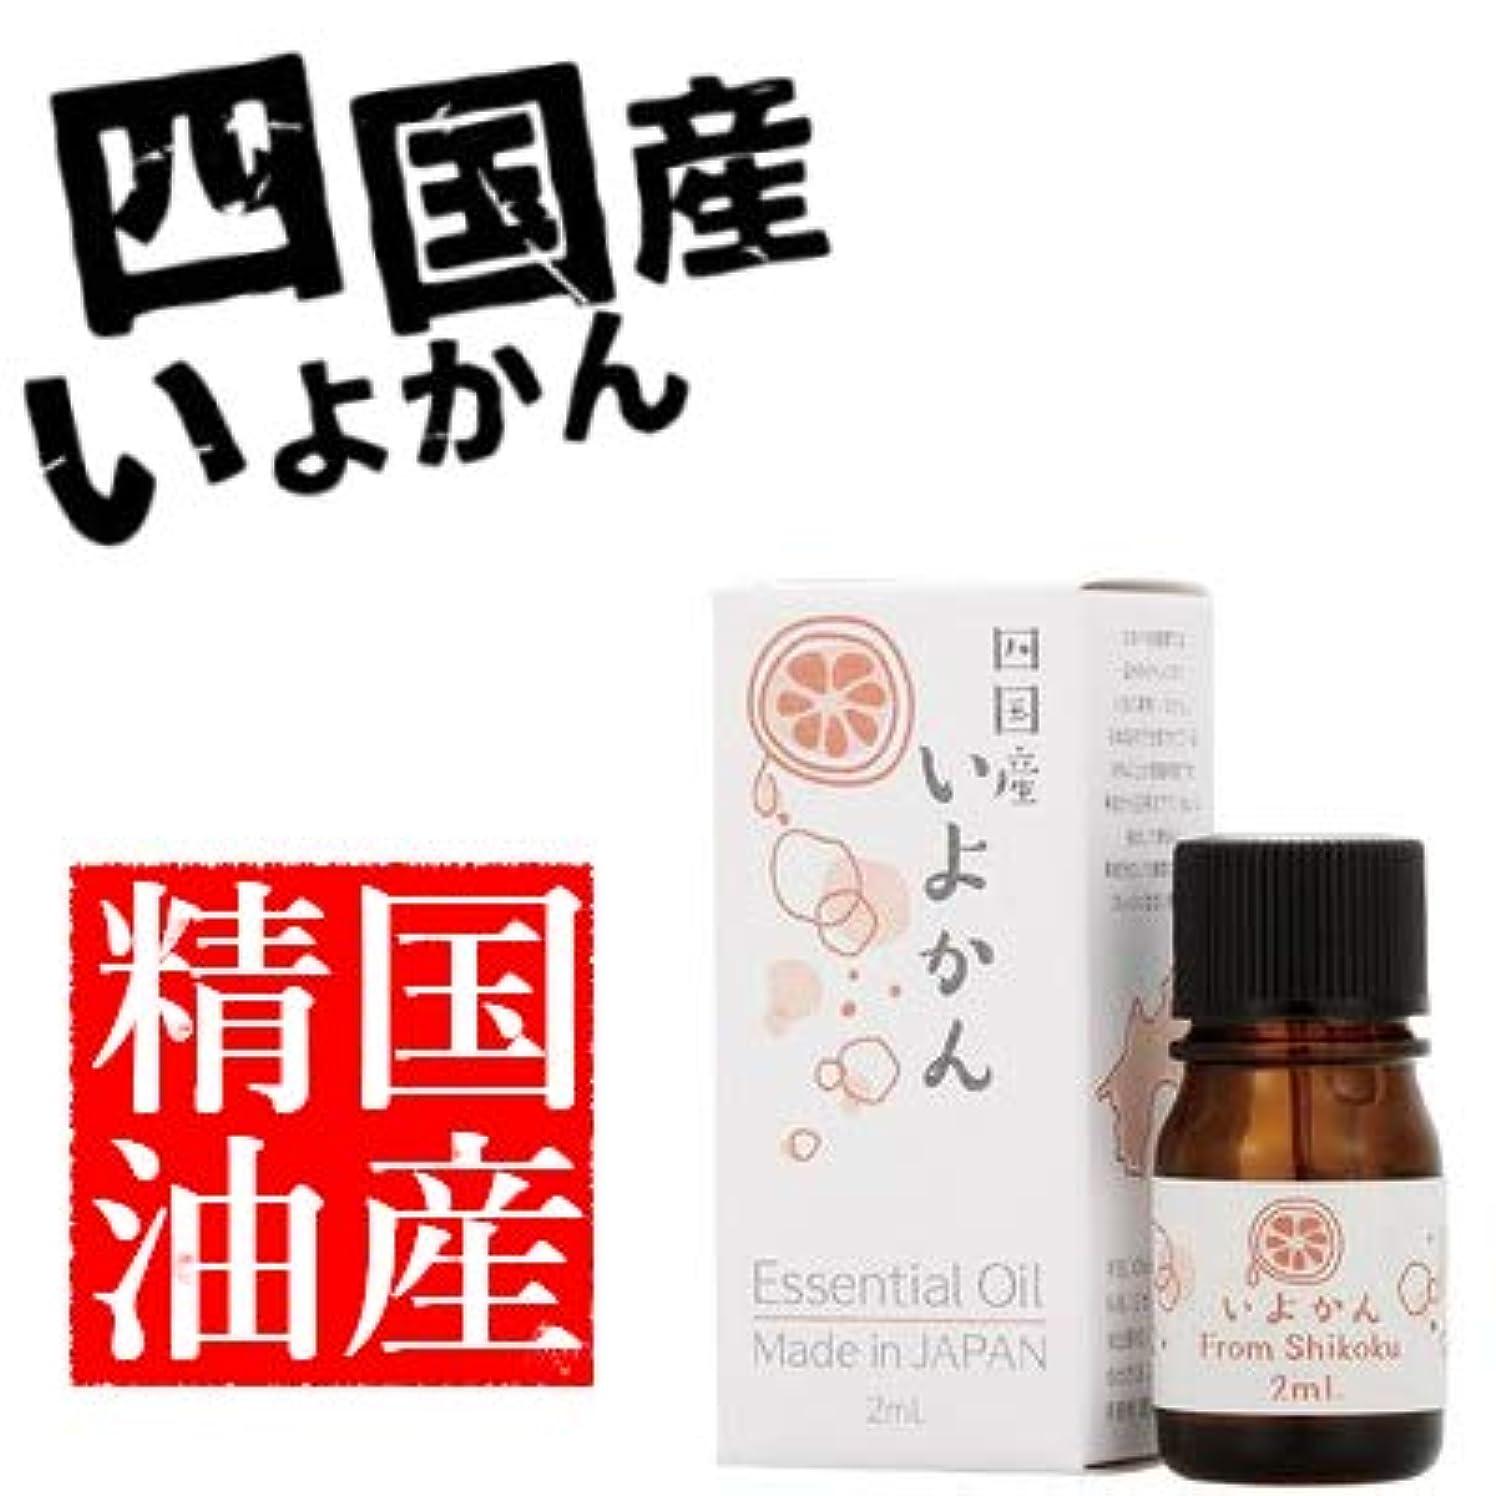 賄賂放置野心的日本の香りシリーズ いよかん エッセンシャルオイル 国産精油 四国産 2ml